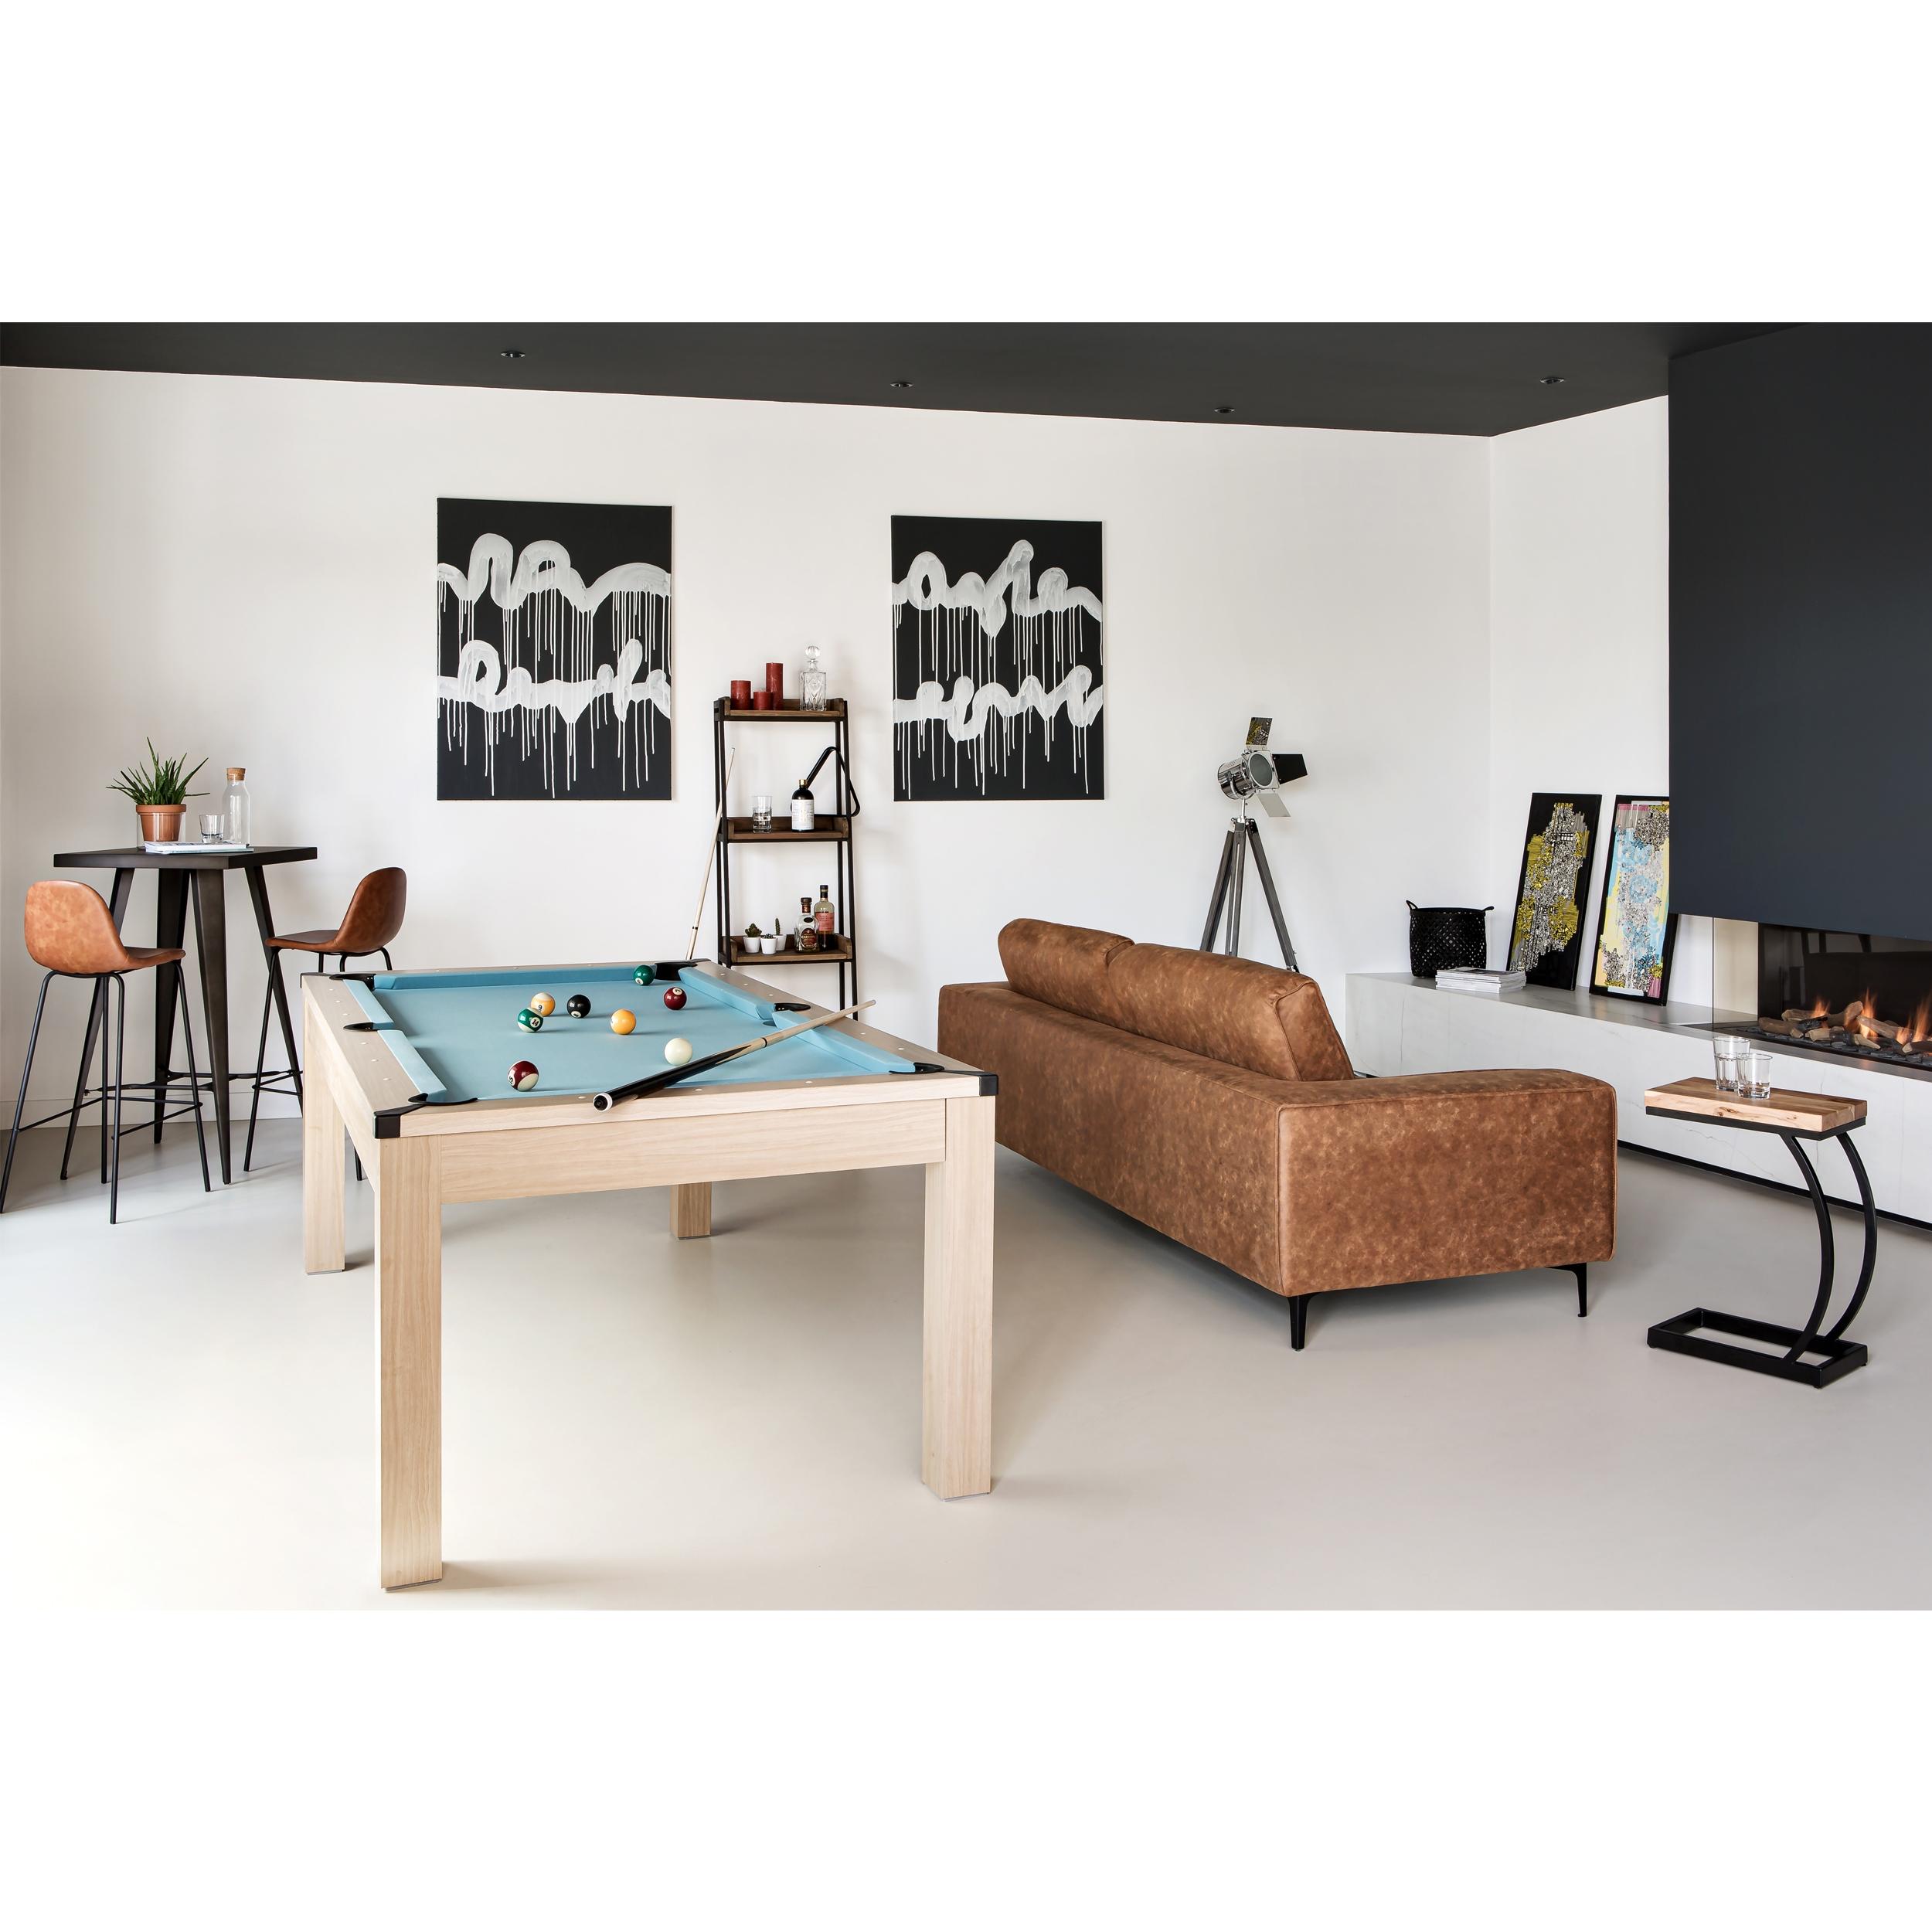 Table d'appoint en acacia et métal